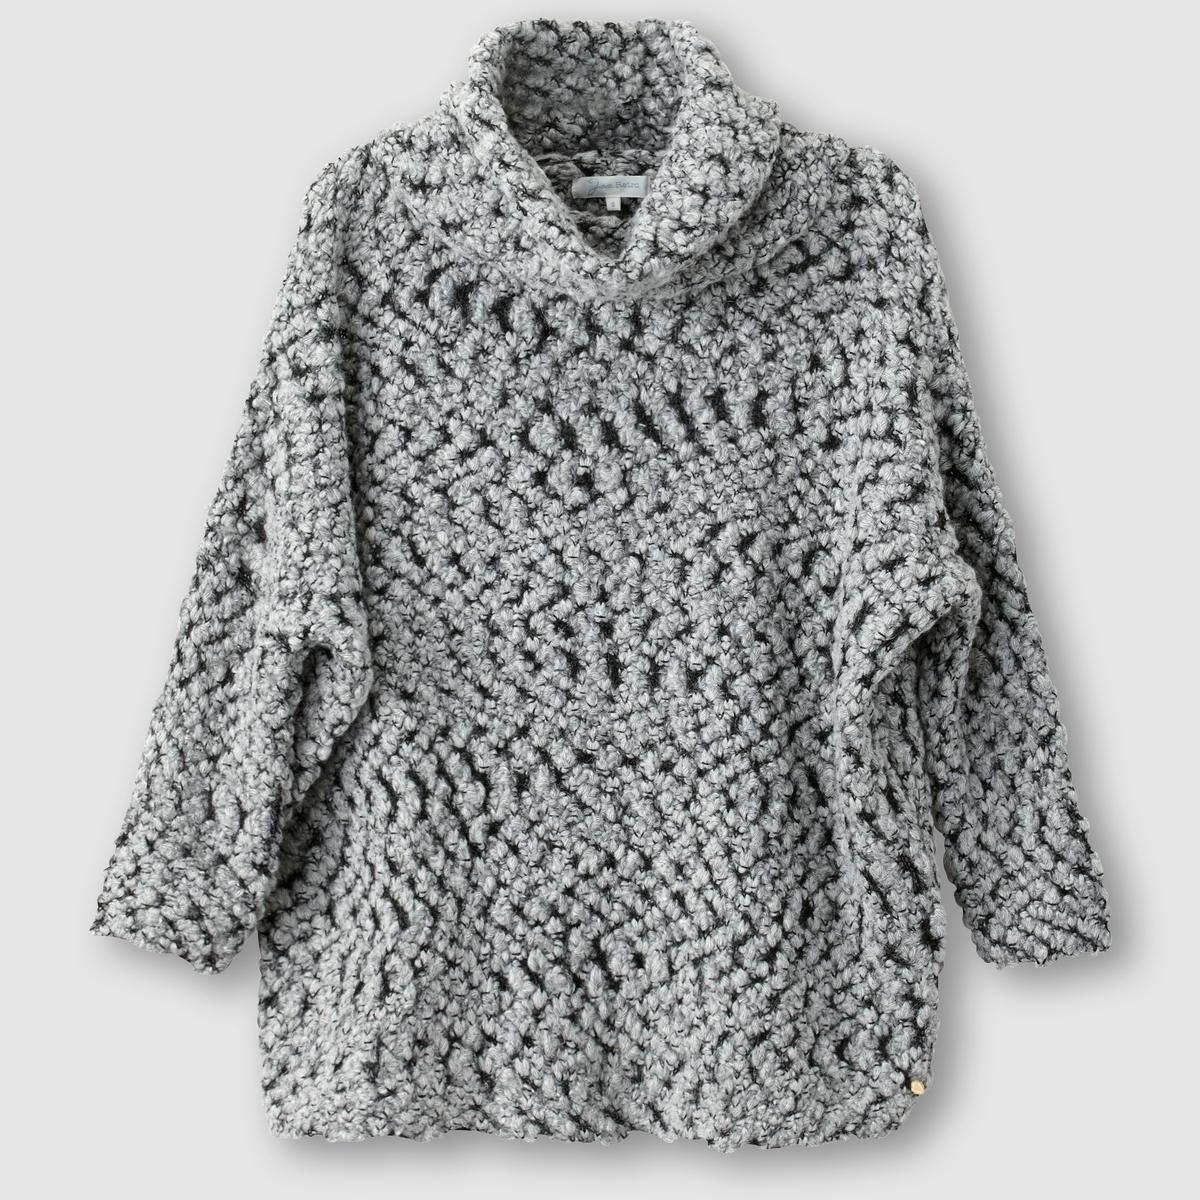 Пуловер с отворачивающимся воротником ETROHПуловер с длинными рукавами  ETHRO от JOE RETRO . Пуловер комфортного прямого покроя. Отворачивающийся воротник. Трикотаж крупной вязки. Состав и описание :Материал : 43% полиамида, 35% акрила, 11% шерсти, 11% мохера Марка : JOE RETRO<br><br>Цвет: серый